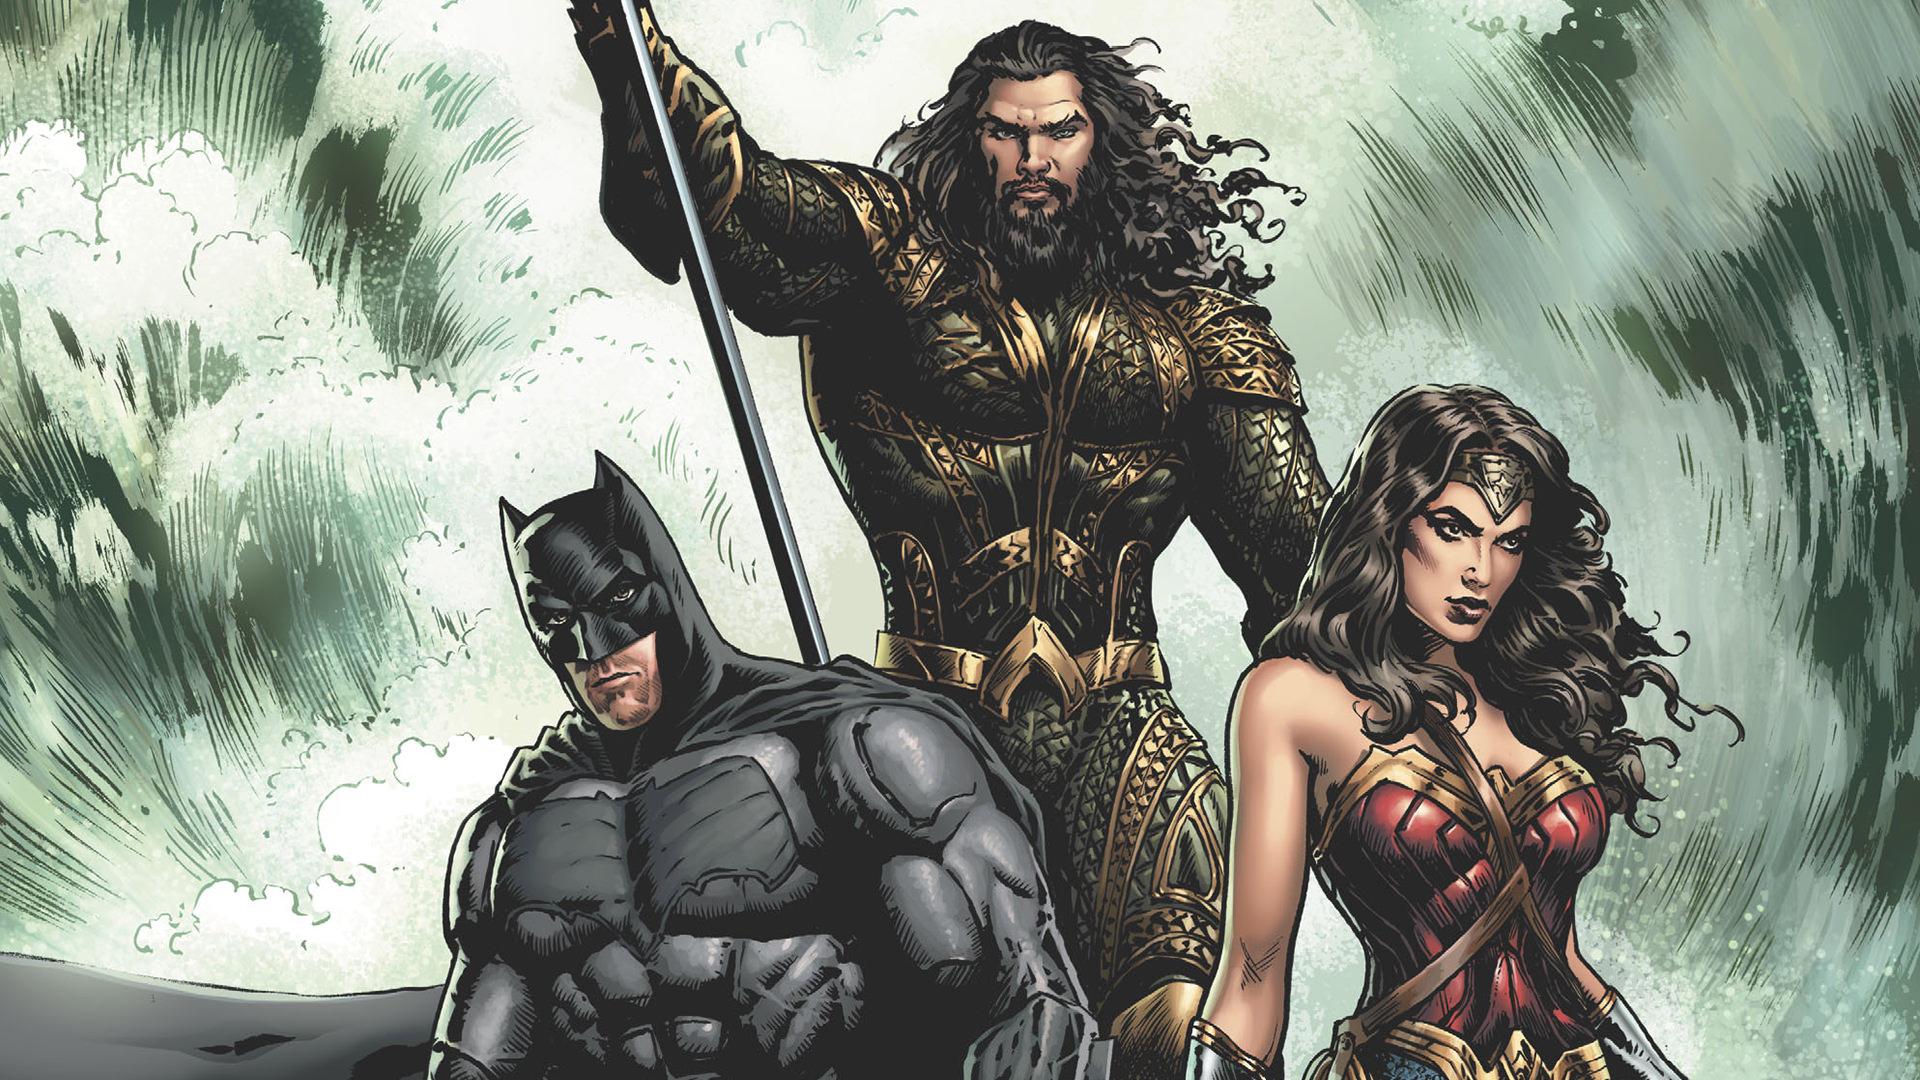 Wonder Woman Justice League 4k Fan Art Hd Movies 4k: Justice League Aquaman Batman Wonder Woman Artwork, HD